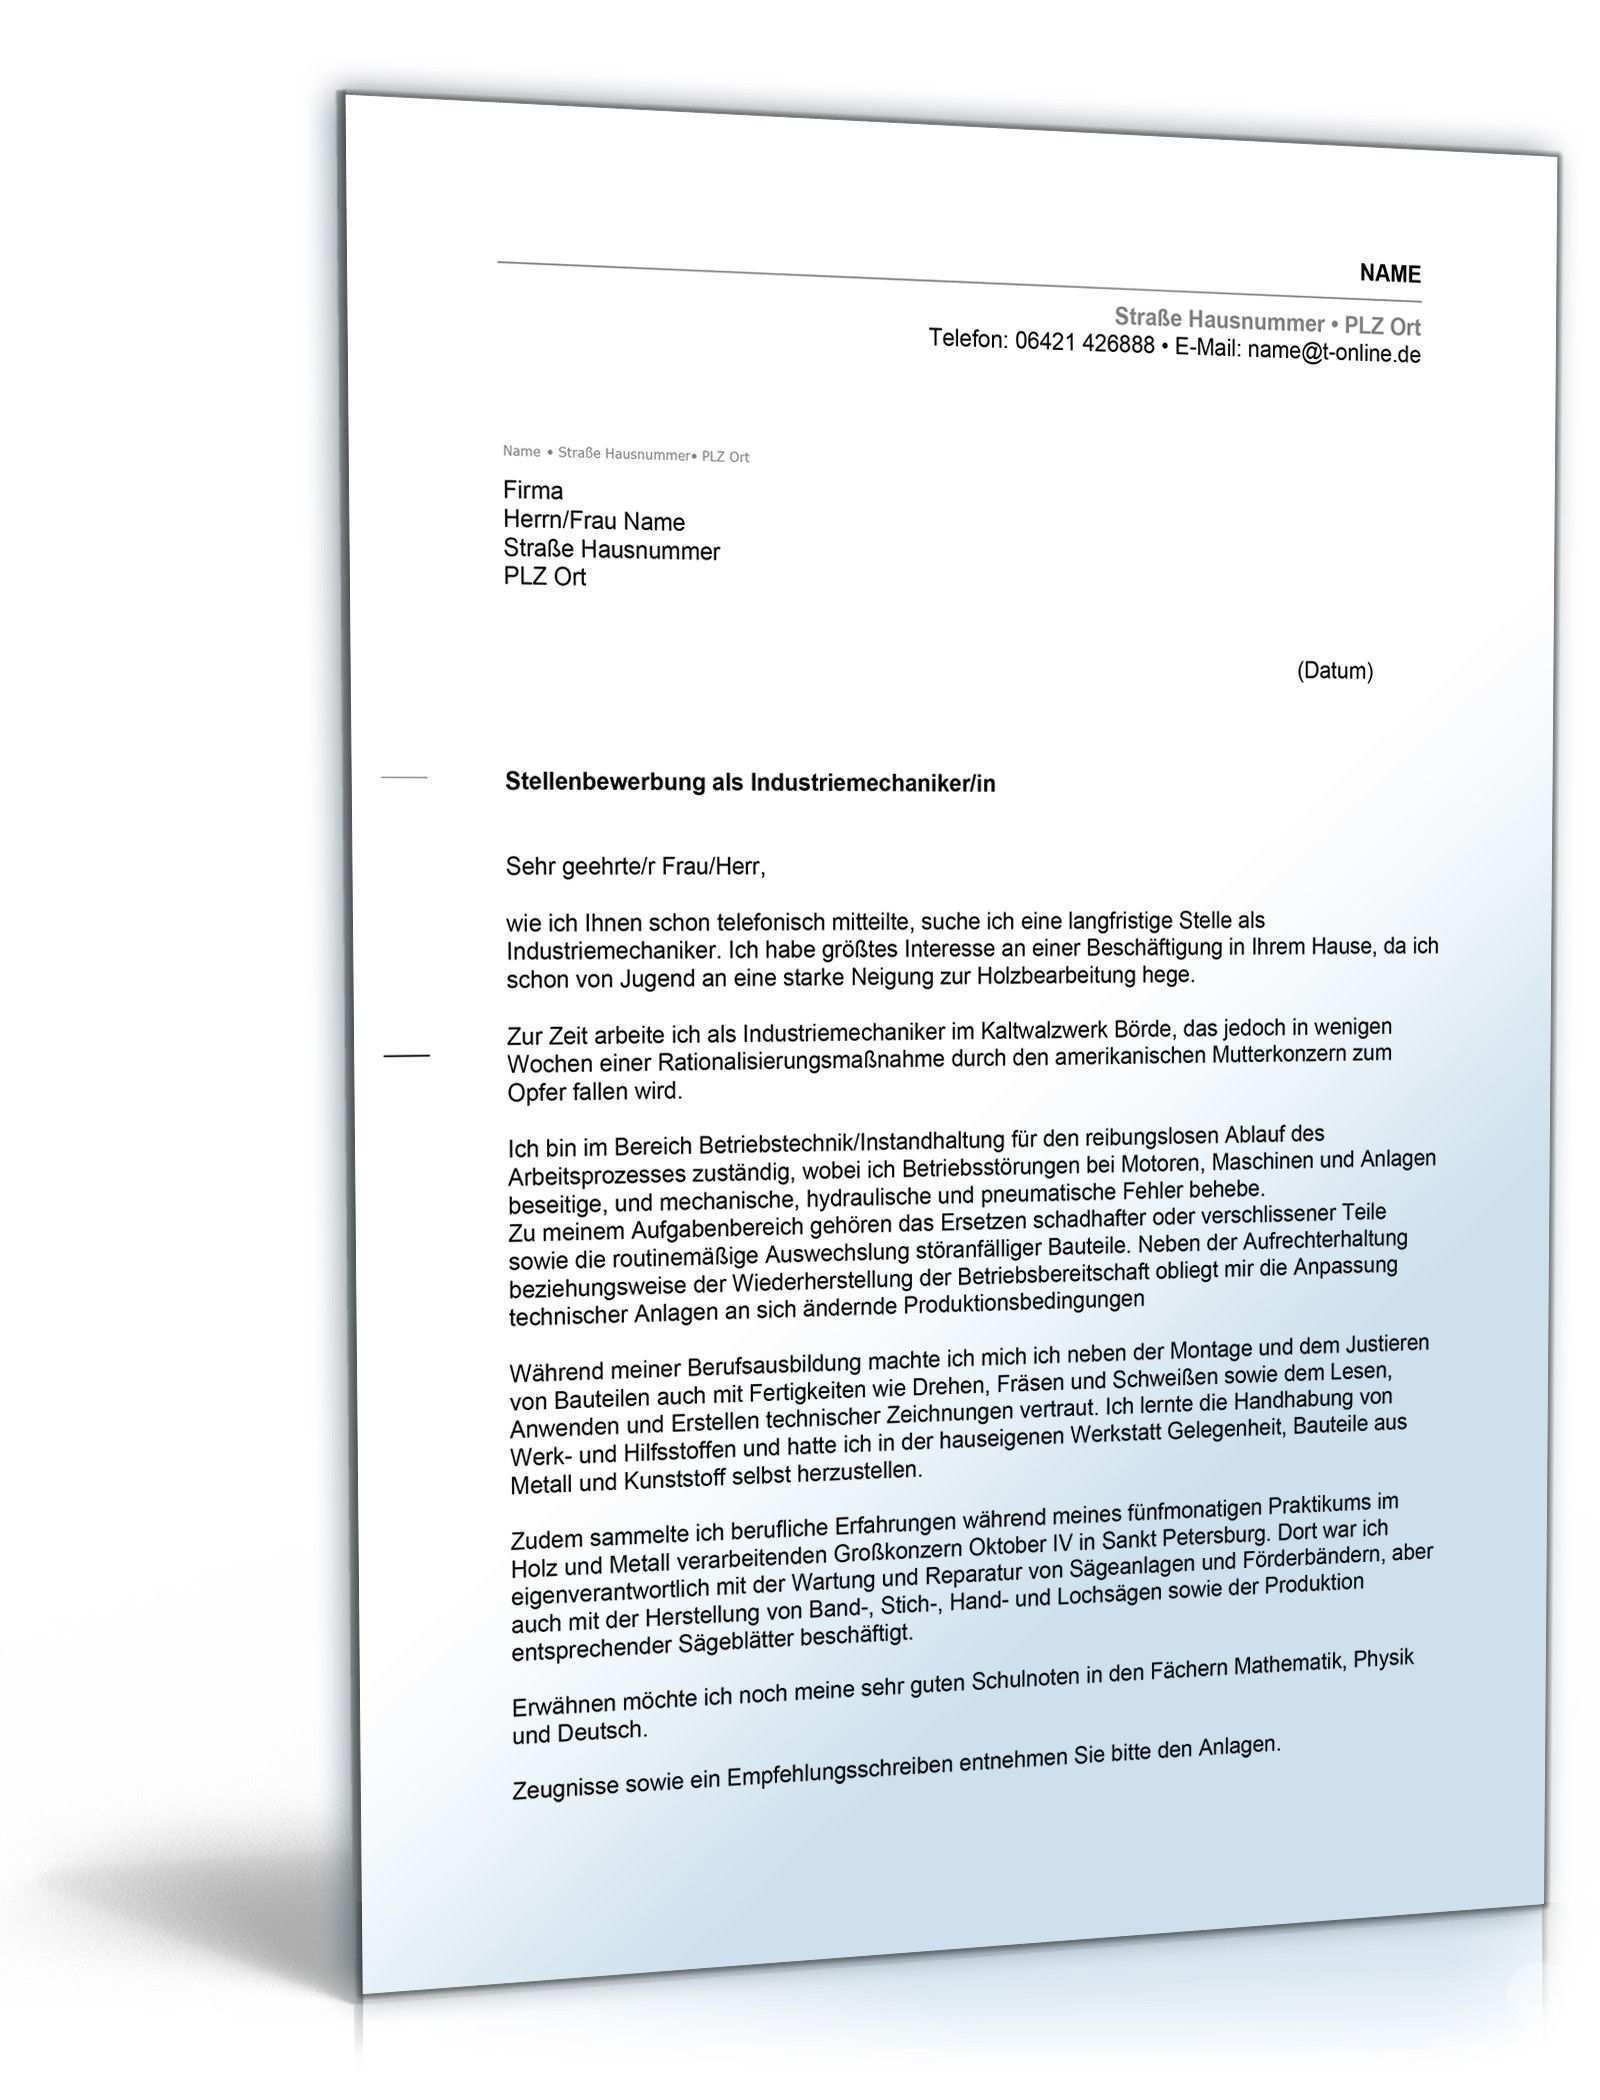 Neu Motivationsschreiben Verfassungsschutz Briefprobe Briefformat Briefvorlage Lebenslauf Gute Bewerbung Bewerbungsschreiben